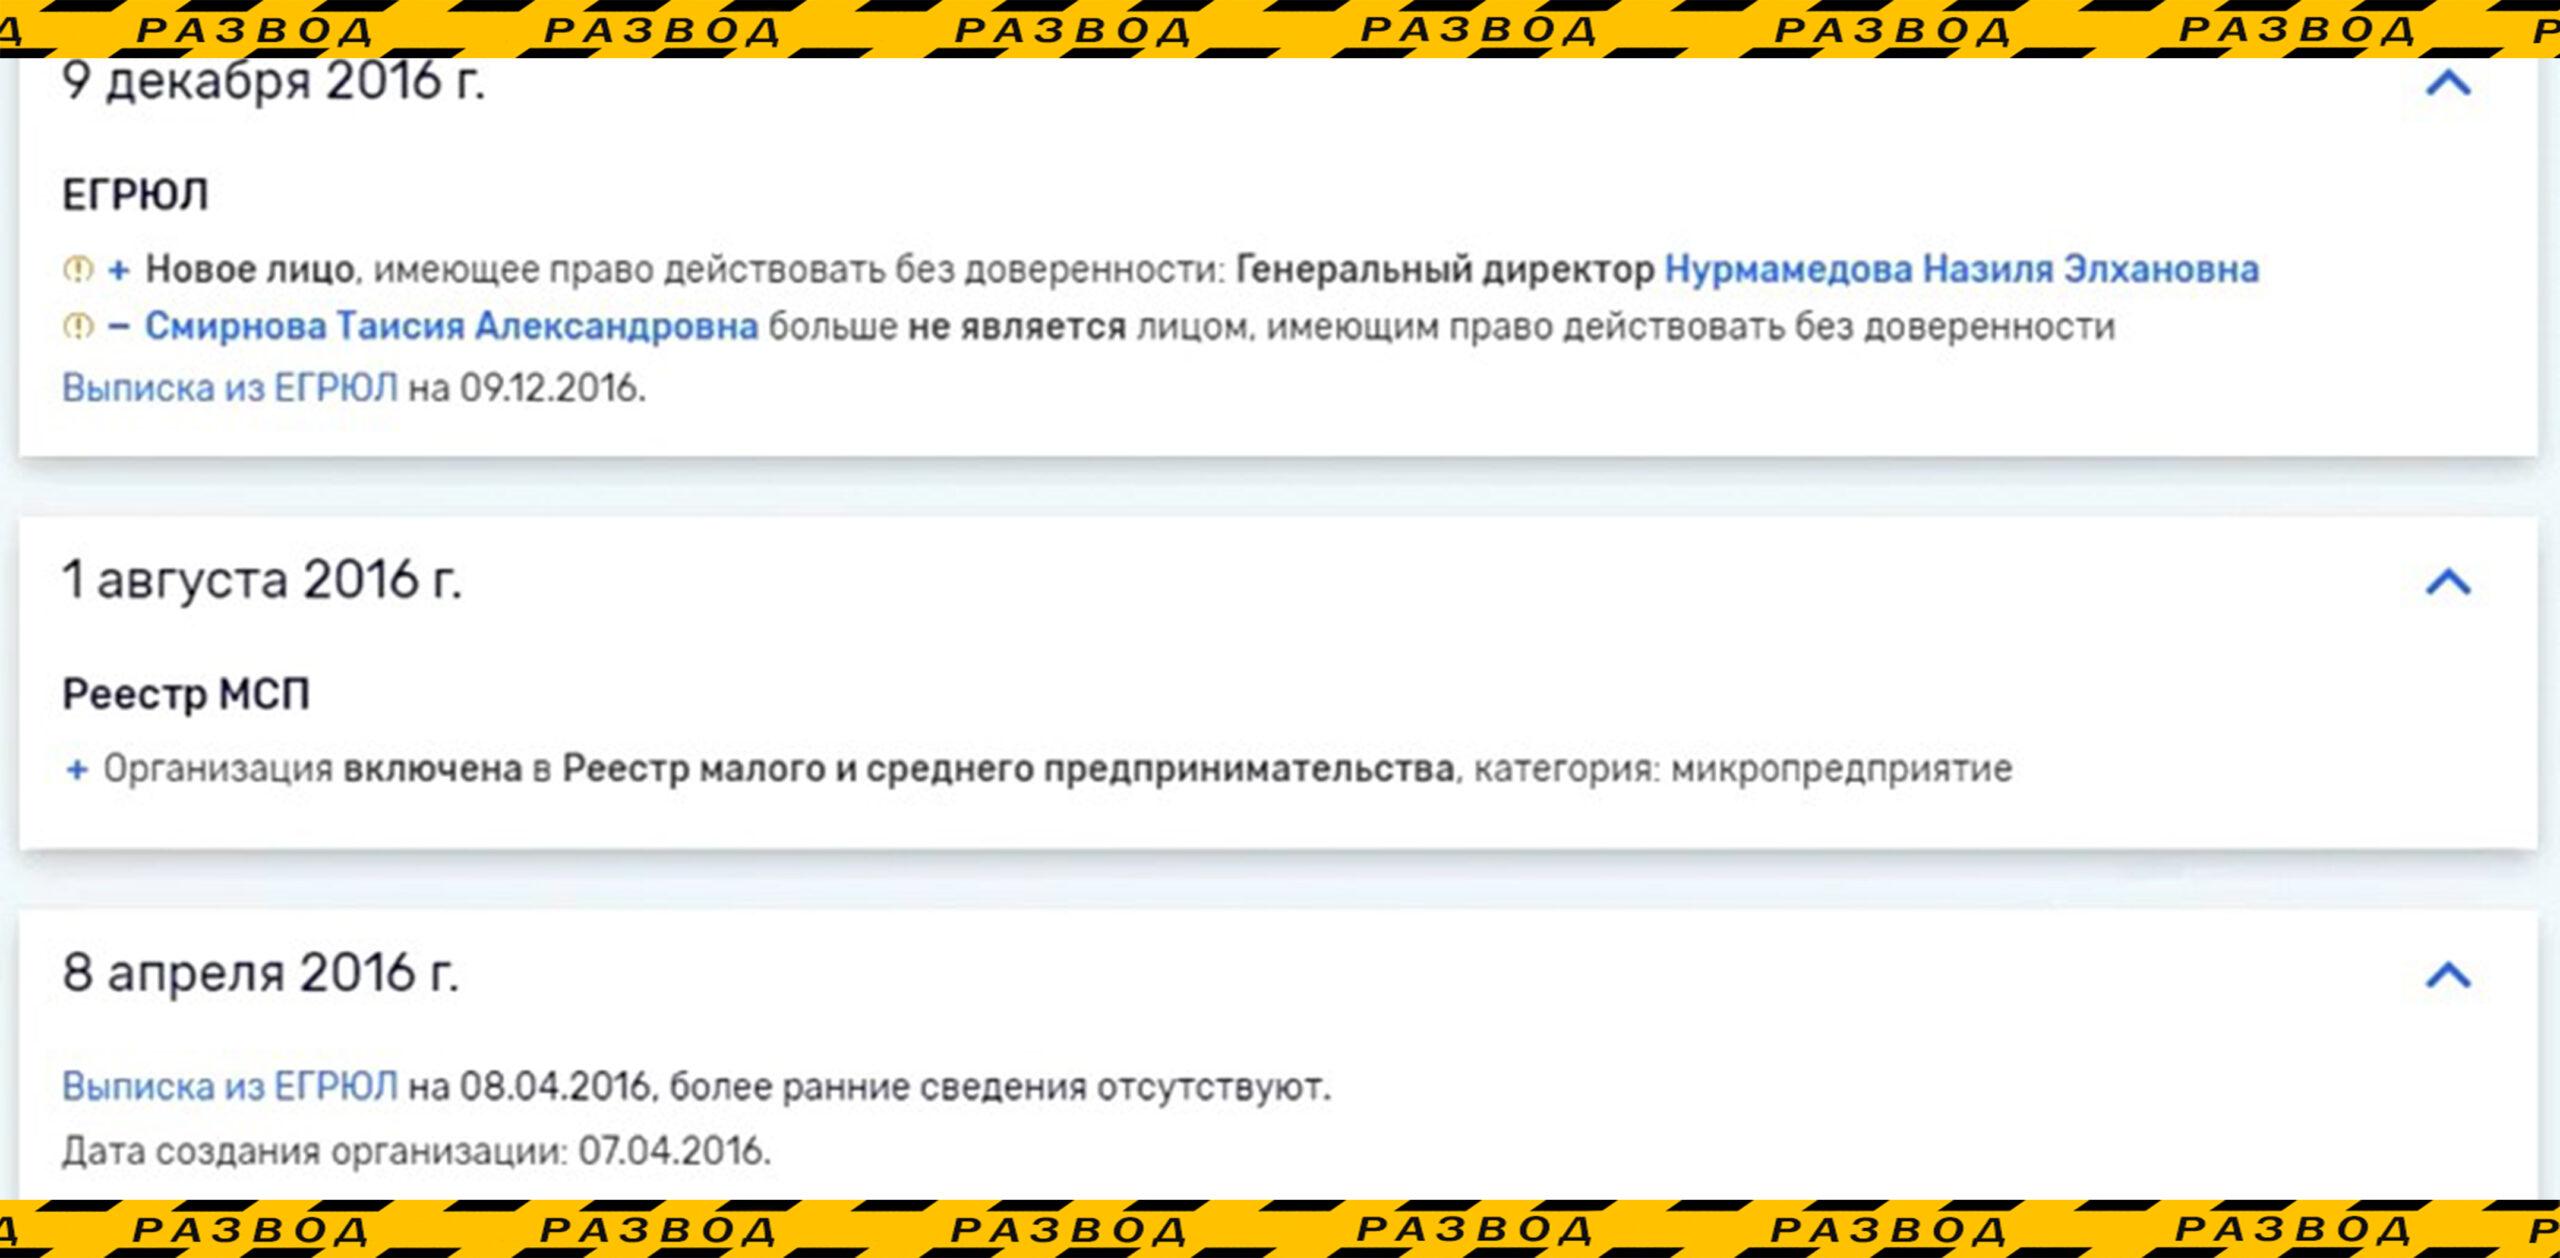 Офицальная информация о регистрации Юникорн